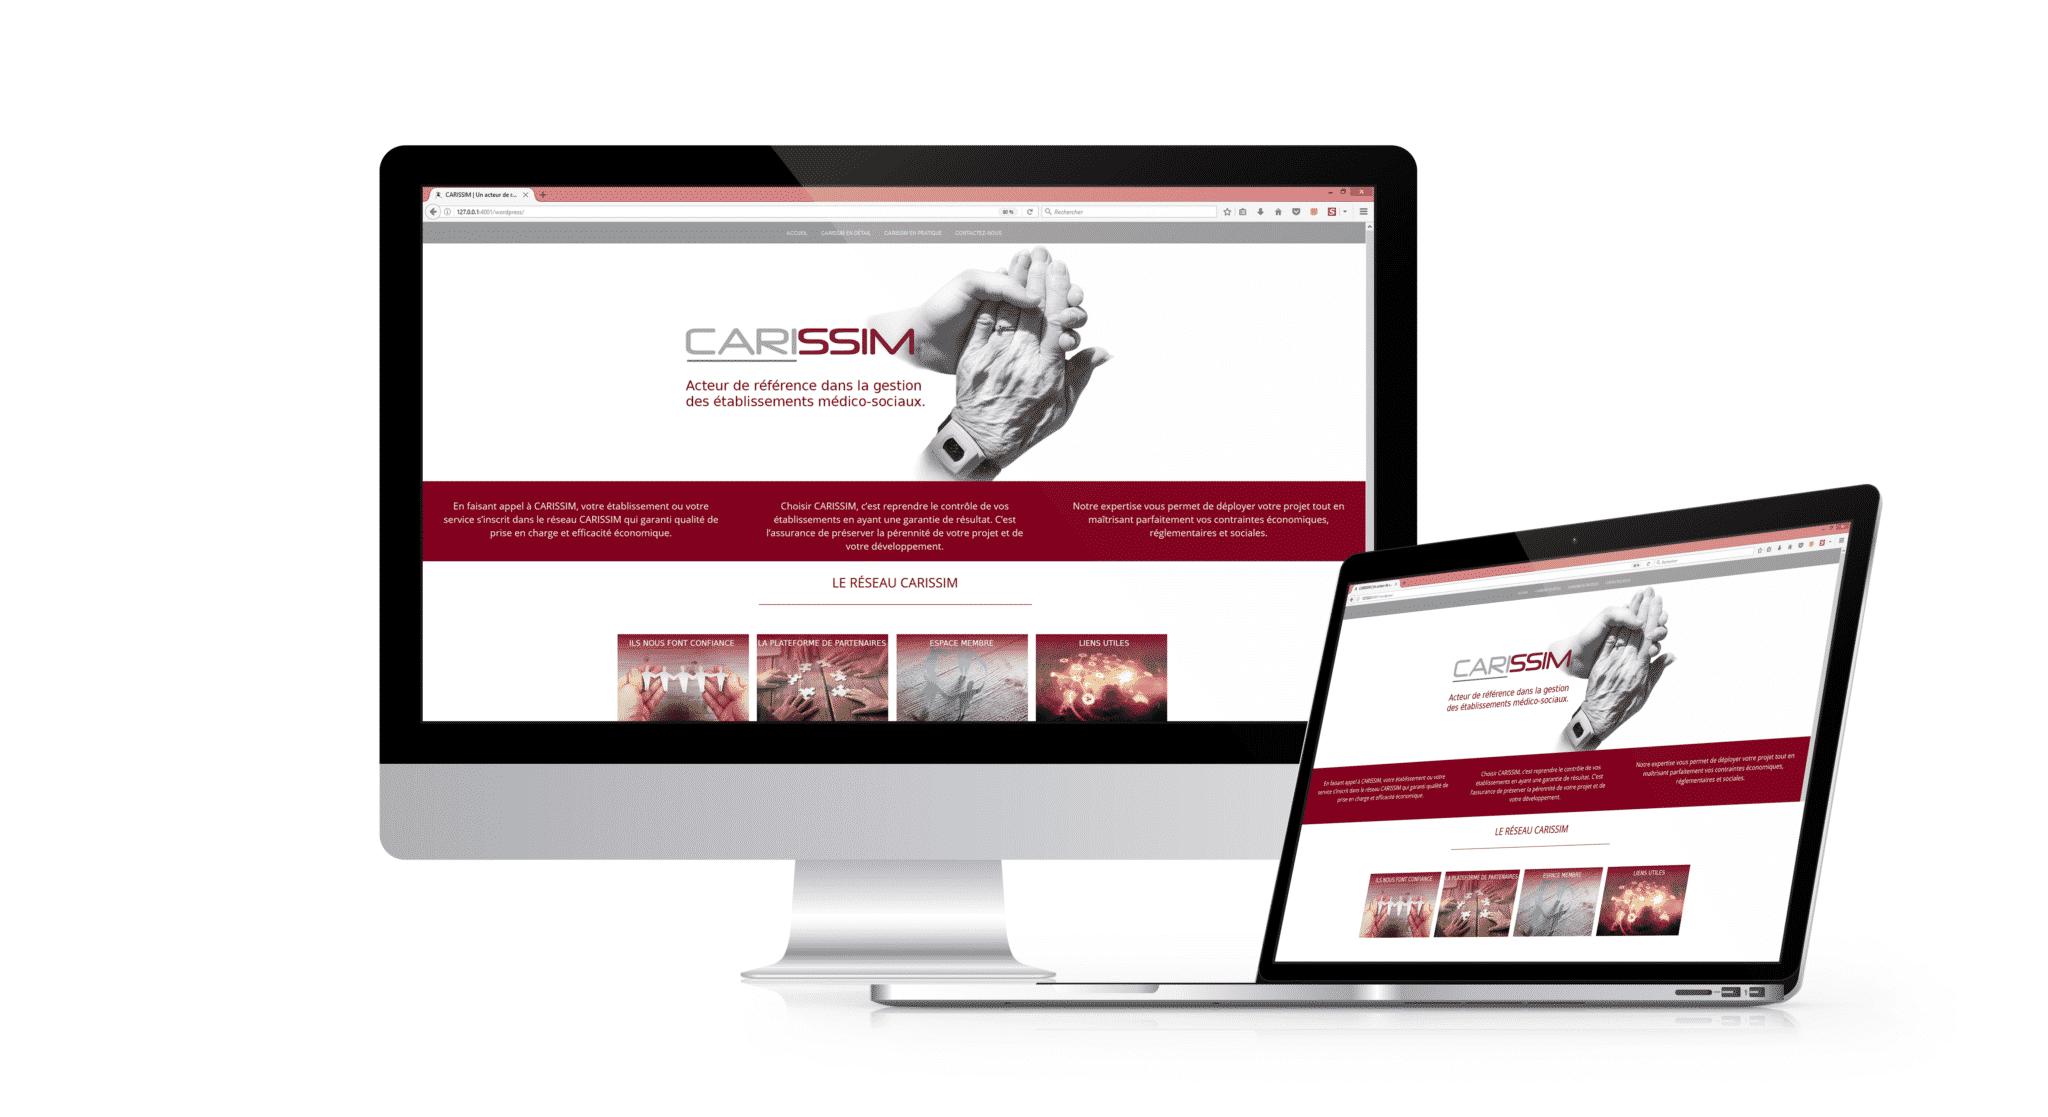 Création d'un site web, intranet/extranet chez Carissim